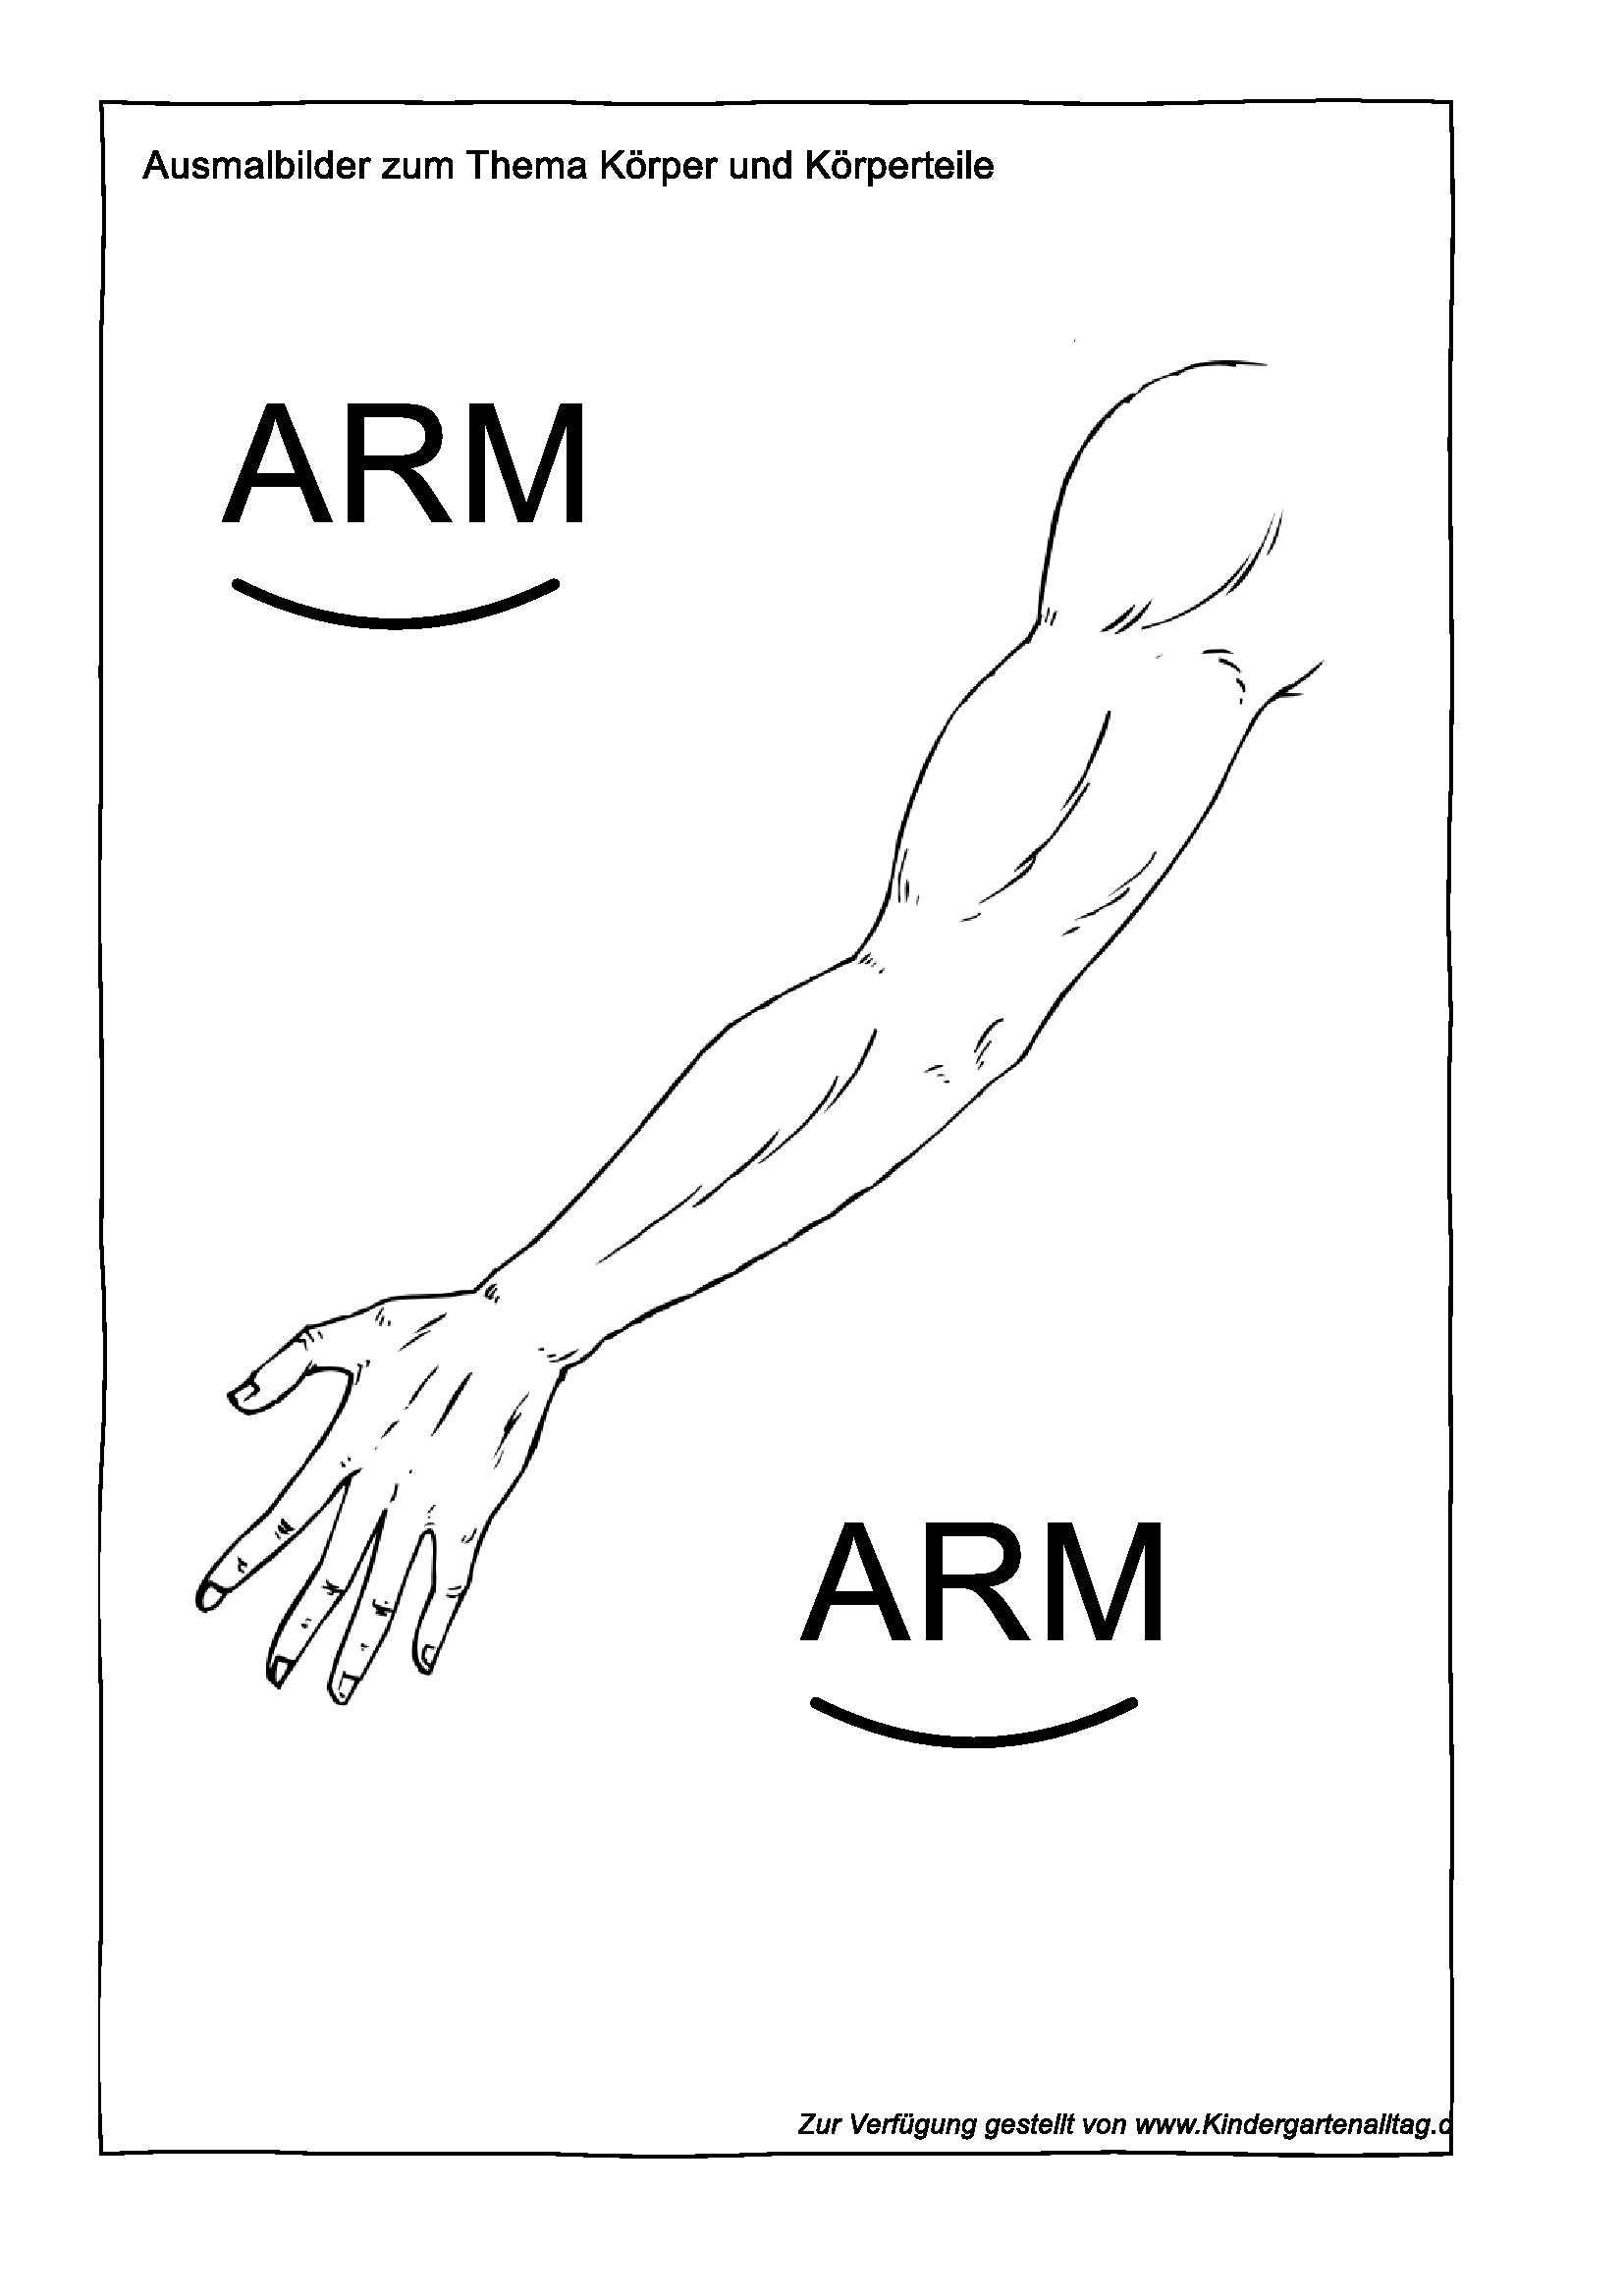 Ausmalbilder zum Thema Körper und Körperteile